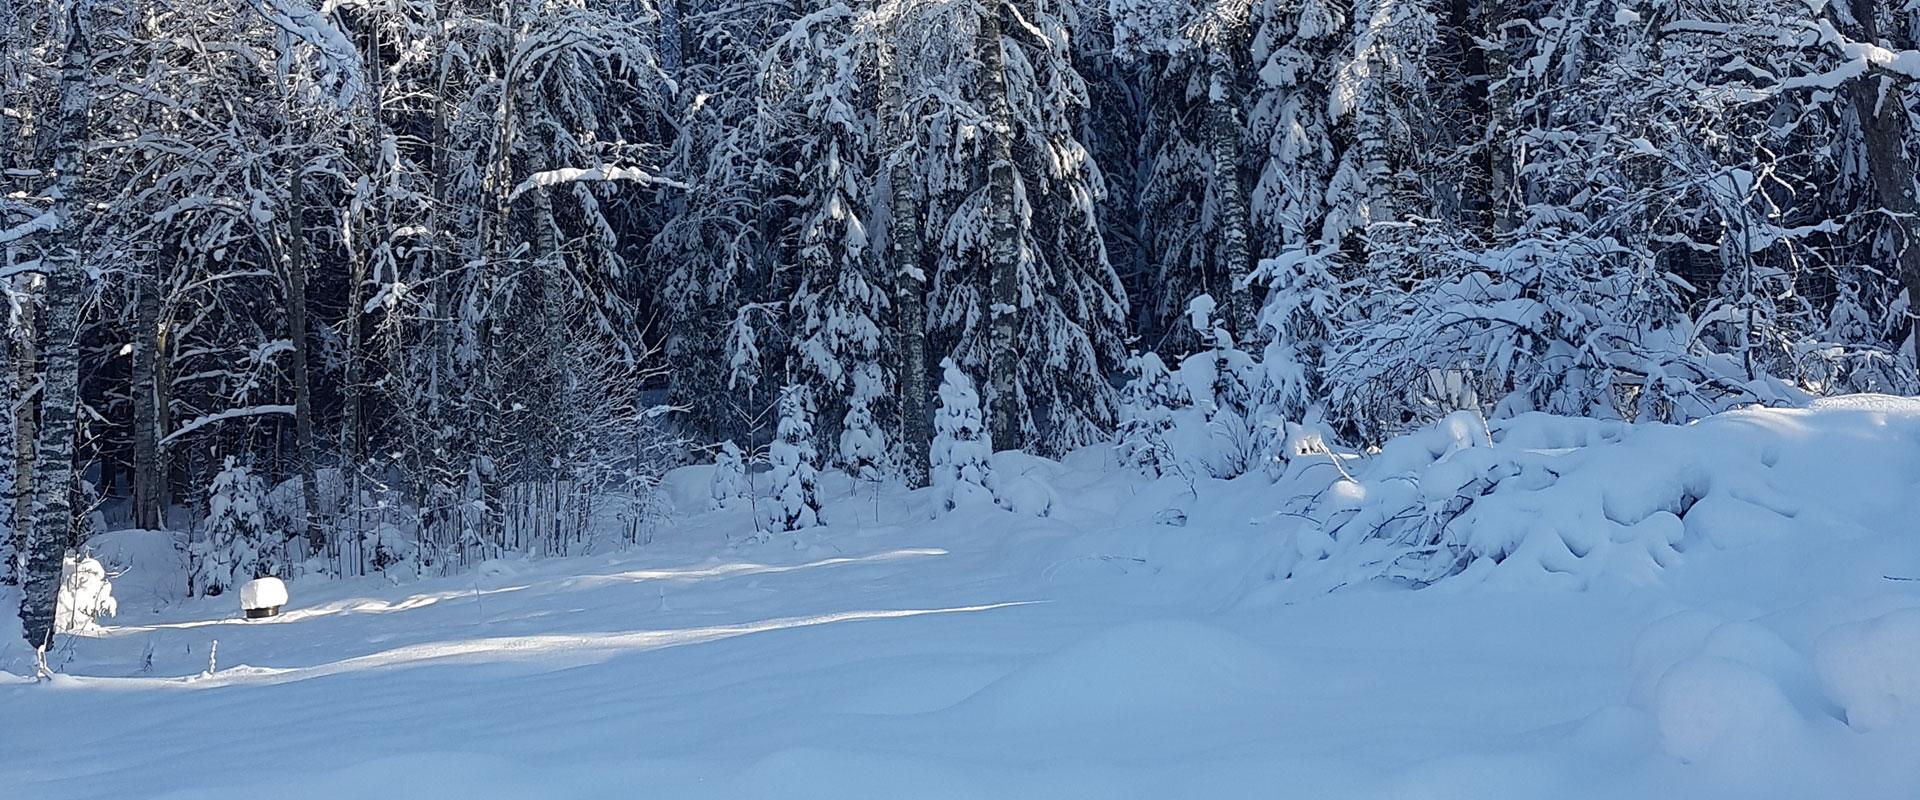 こちらで自然の穏やかさをお楽しみ下さい!